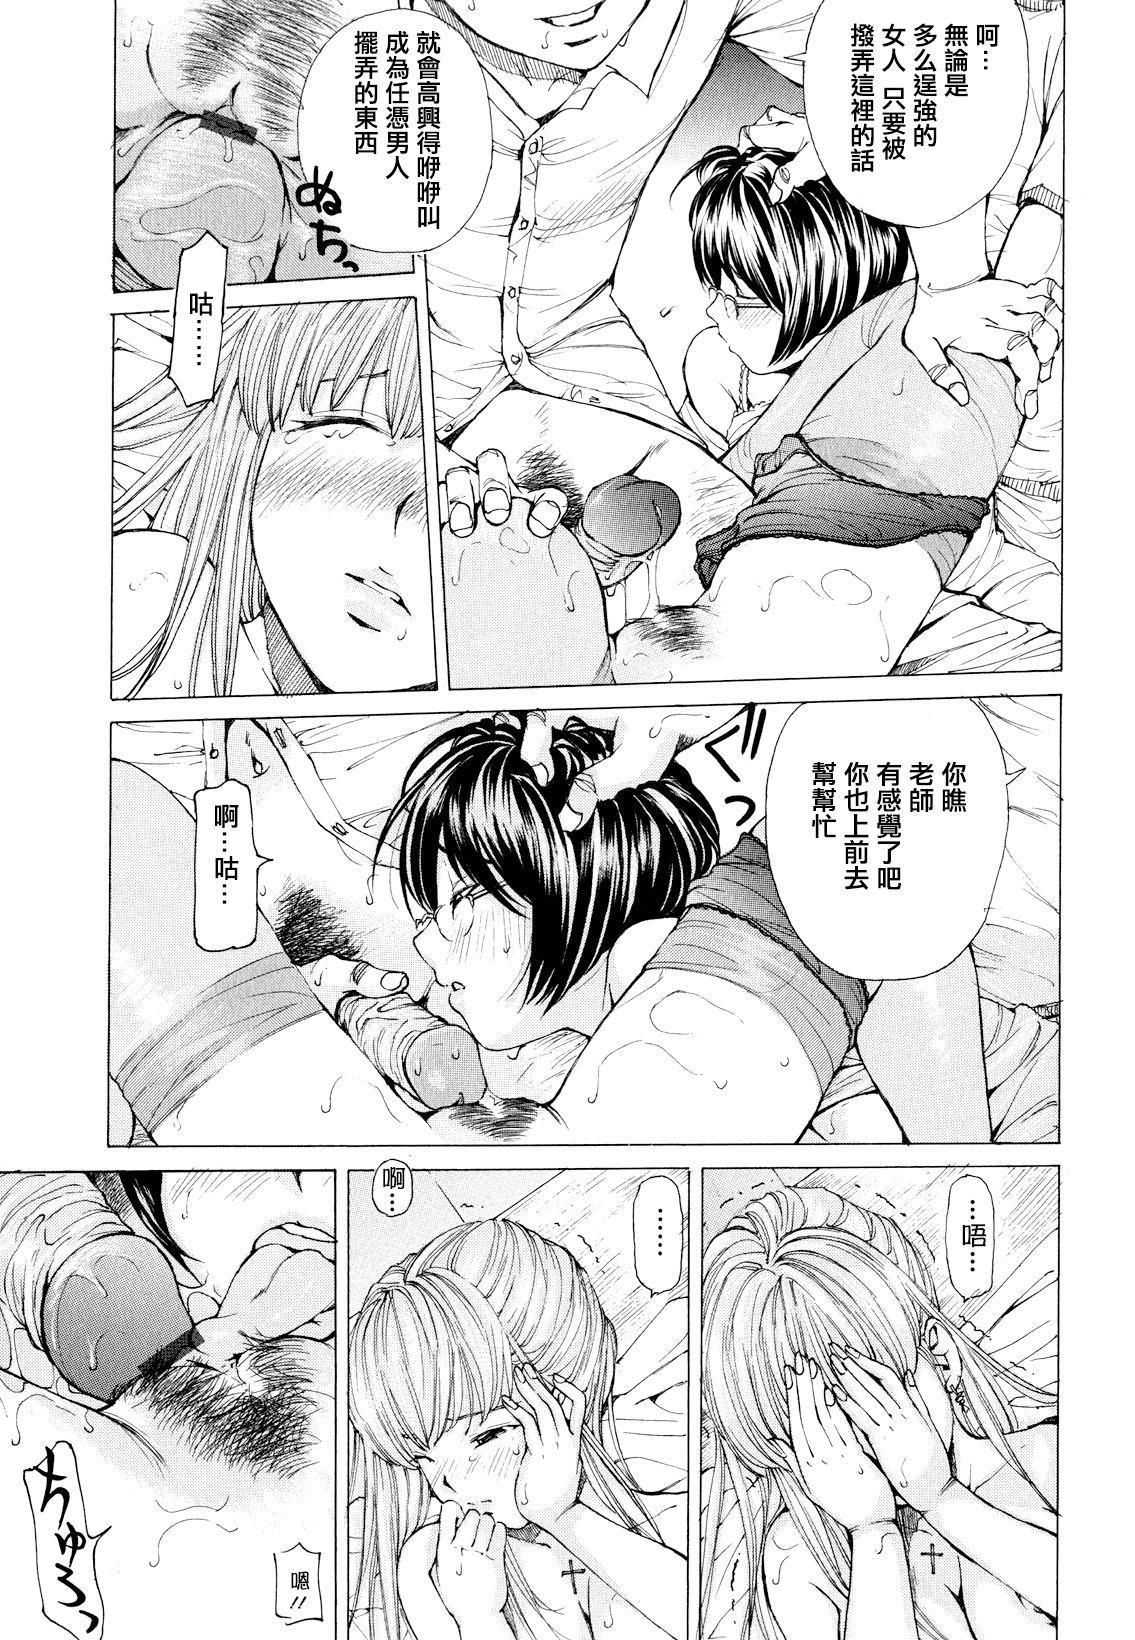 [Nohara Hiromi] Suhada-teki Bishoujo 1 -Watashi no Himitsu... Mitai? Hen- [Chinese] [紫色老太婆个人汉化] 57